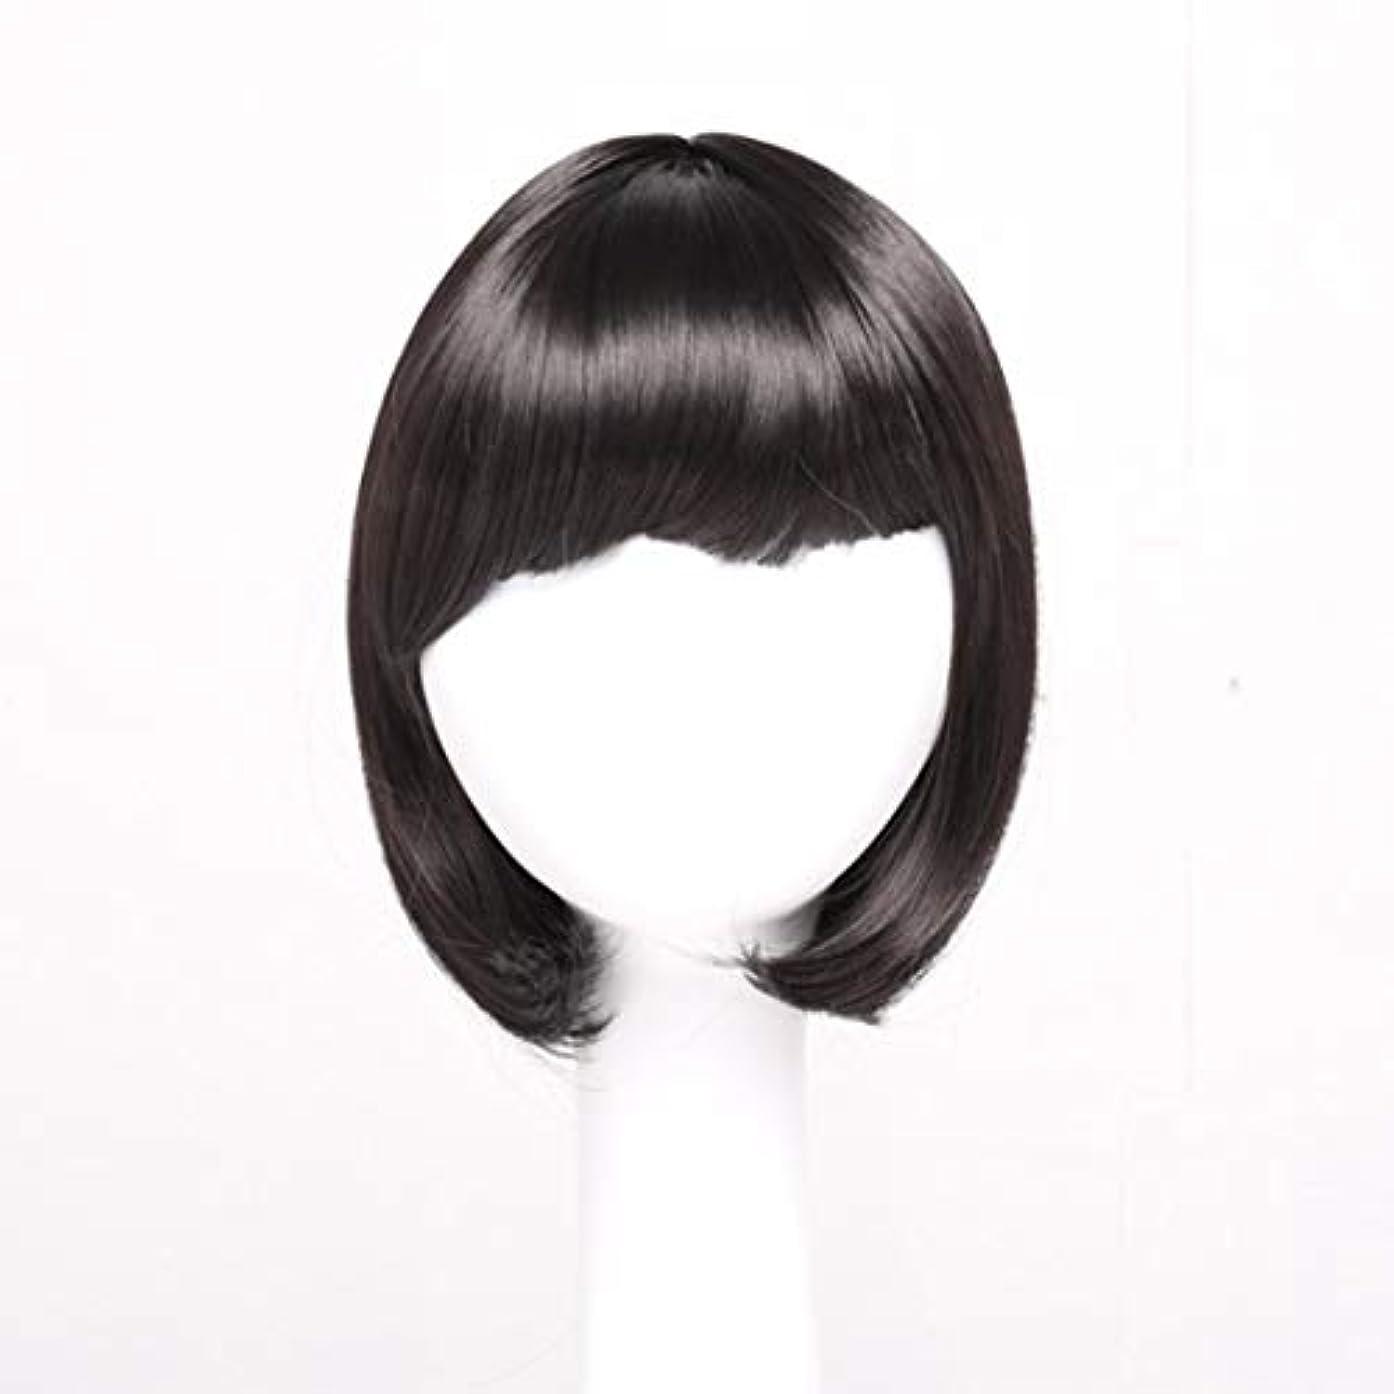 ネクタイ仮装ピークKerwinner レディースブラックショートストレートヘアー前髪付き前髪ウェーブヘッドかつらセットヘッドギア (Color : Navy brown)